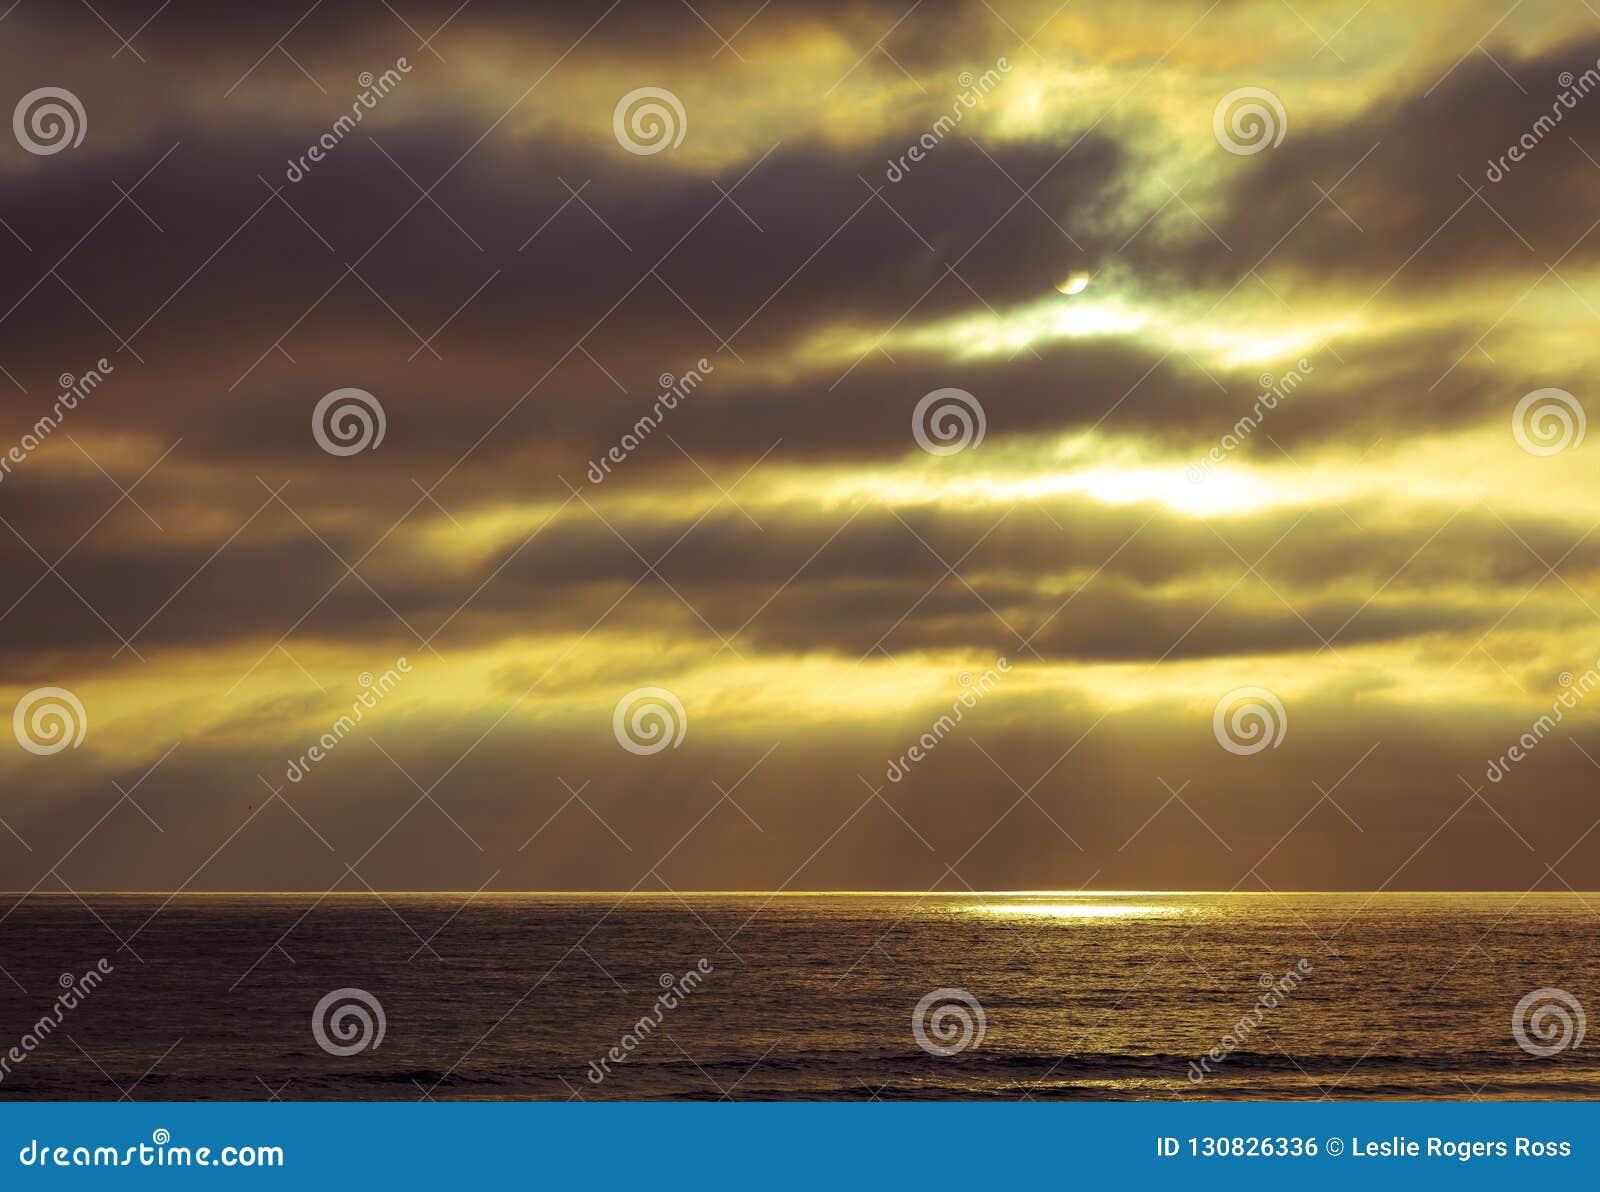 Słońce Promieniuje przez chmury i tworzy oceanu światło reflektorów